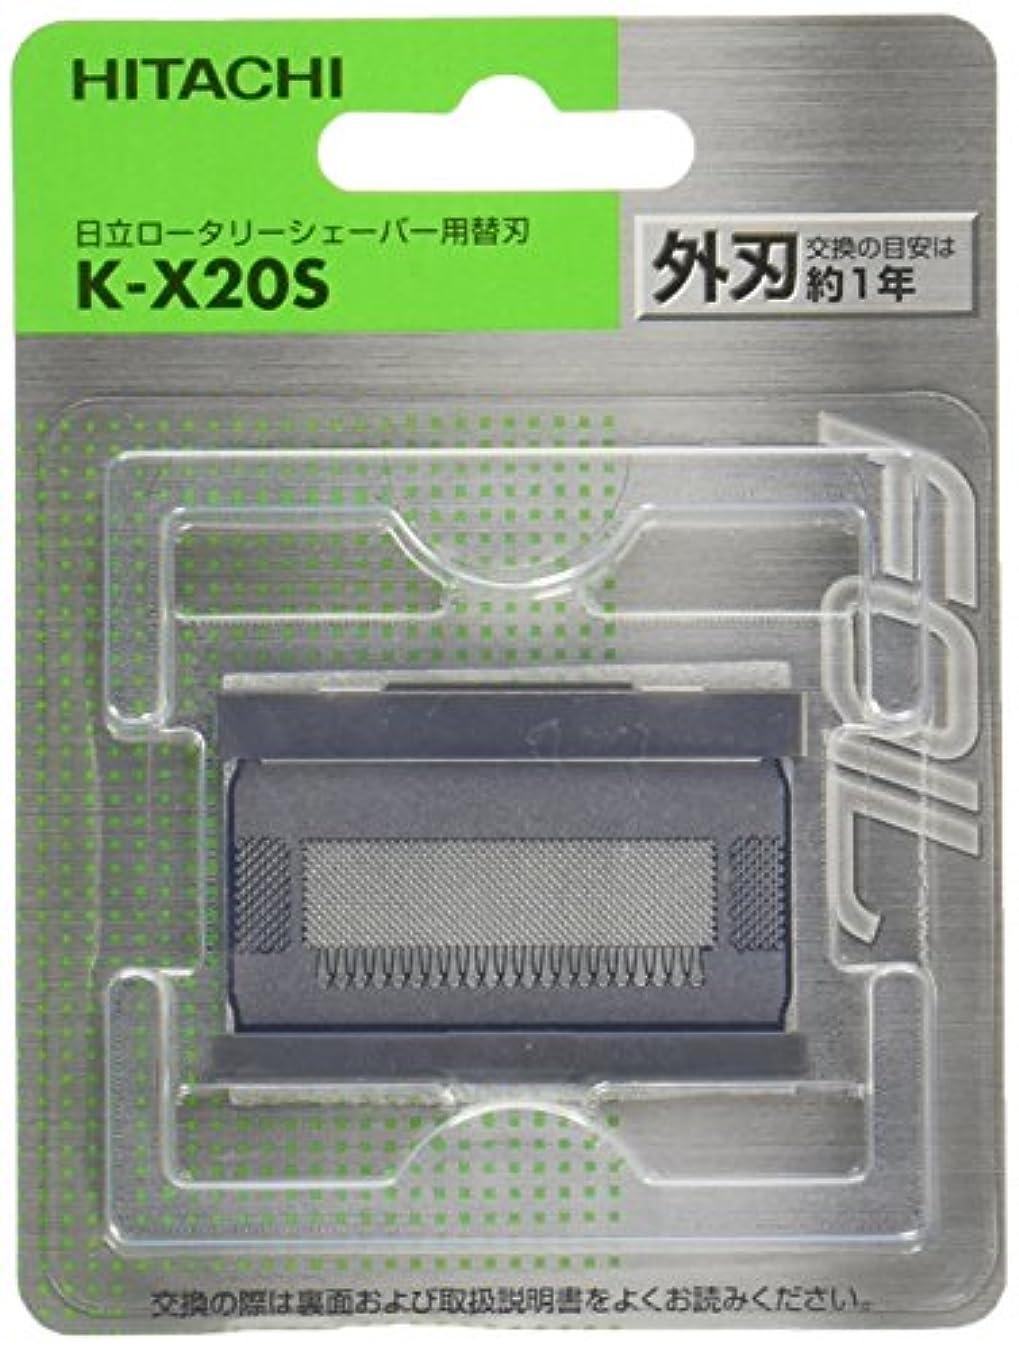 経営者スズメバチ拮抗する日立 替刃 外刃 K-X20S